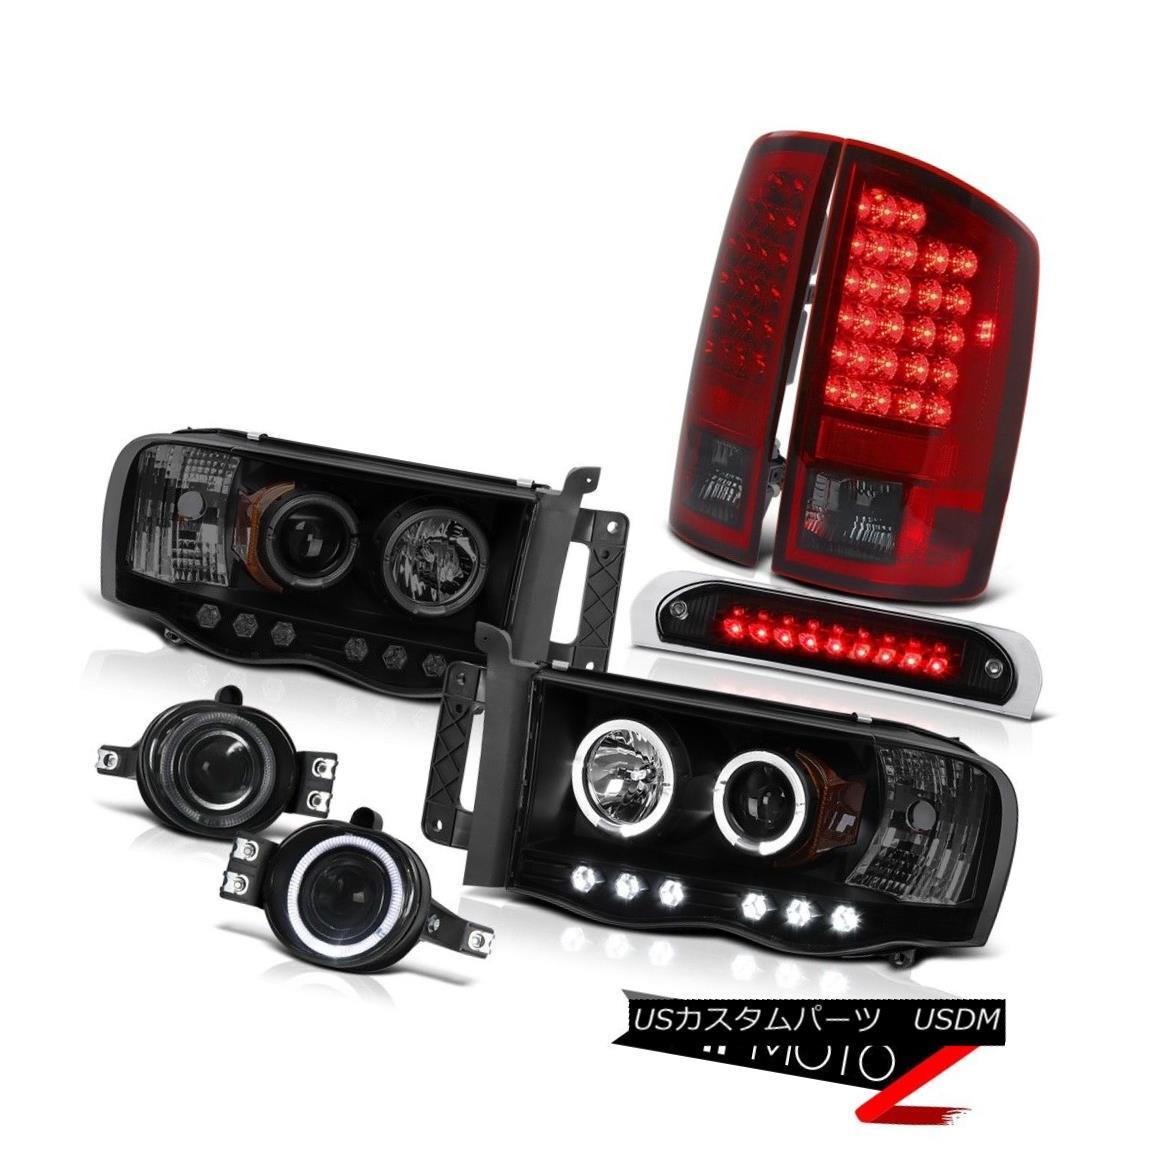 テールライト 02-05 Ram SLT Headlights Halo LED L.E.D Rear Lights Smokey Red Glass Fog Brake 02-05 Ram SLTヘッドライトHalo LED L.E.Dリアライトスモーキーレッドグラスフォグブレーキ